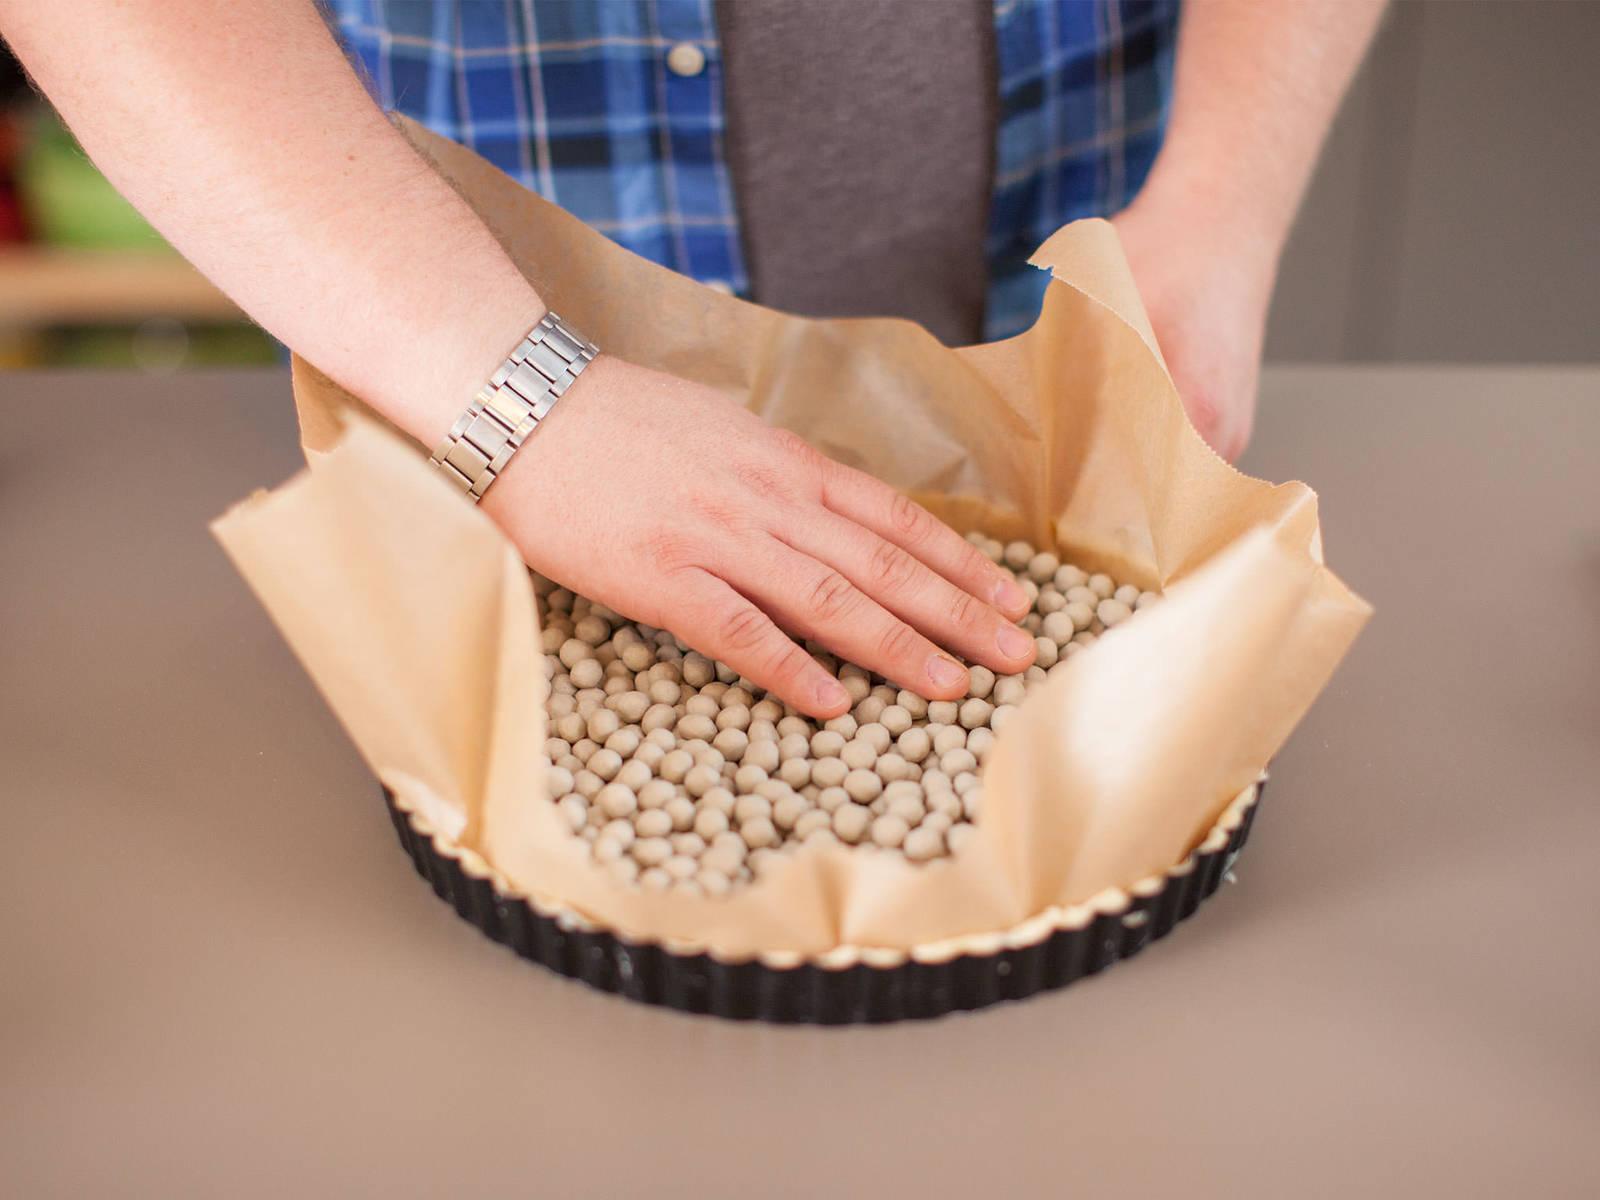 Ein Stück Backpapier vorsichtig auf den ausgelegten Teig geben, mit Keramik-Backbohnen füllen und im vorgeheizten Backofen ca. 15 – 20 Min. blind backen, bis die Ränder goldbraun sind.